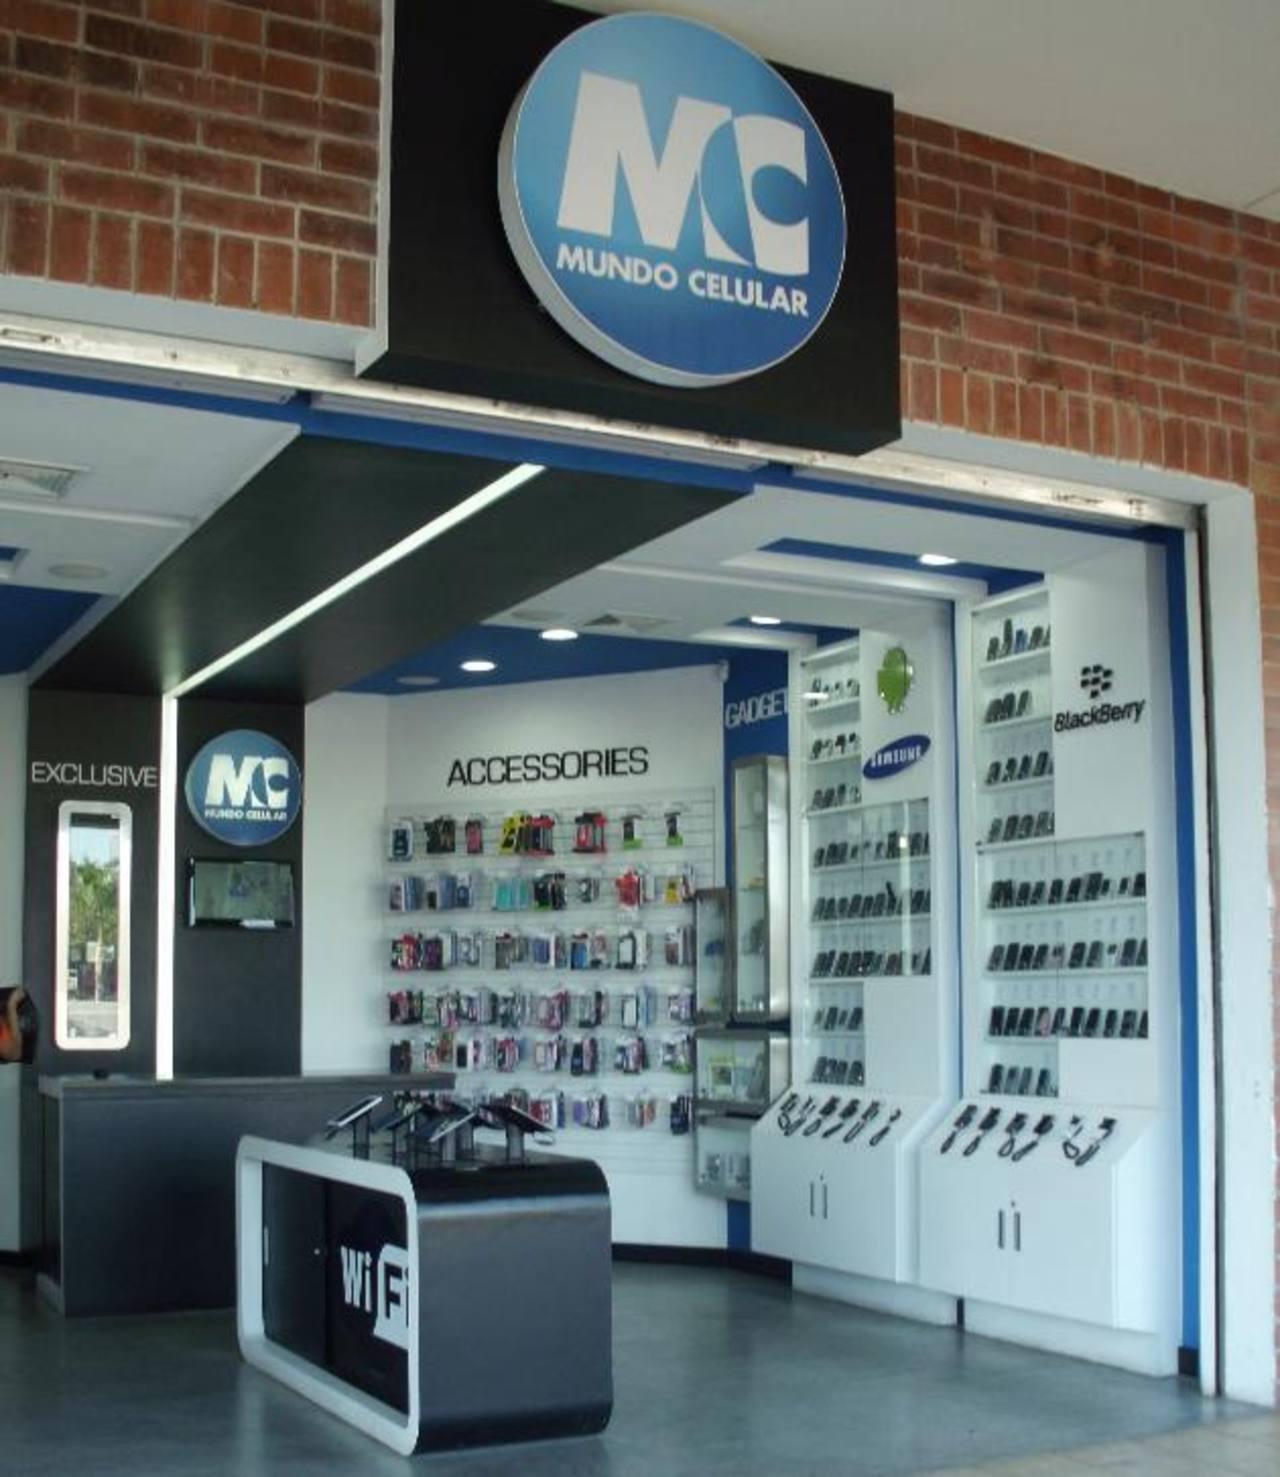 Mundo Celular tiene una red de quioscos en los principales centros comerciales del país. Foto CORTESÍA